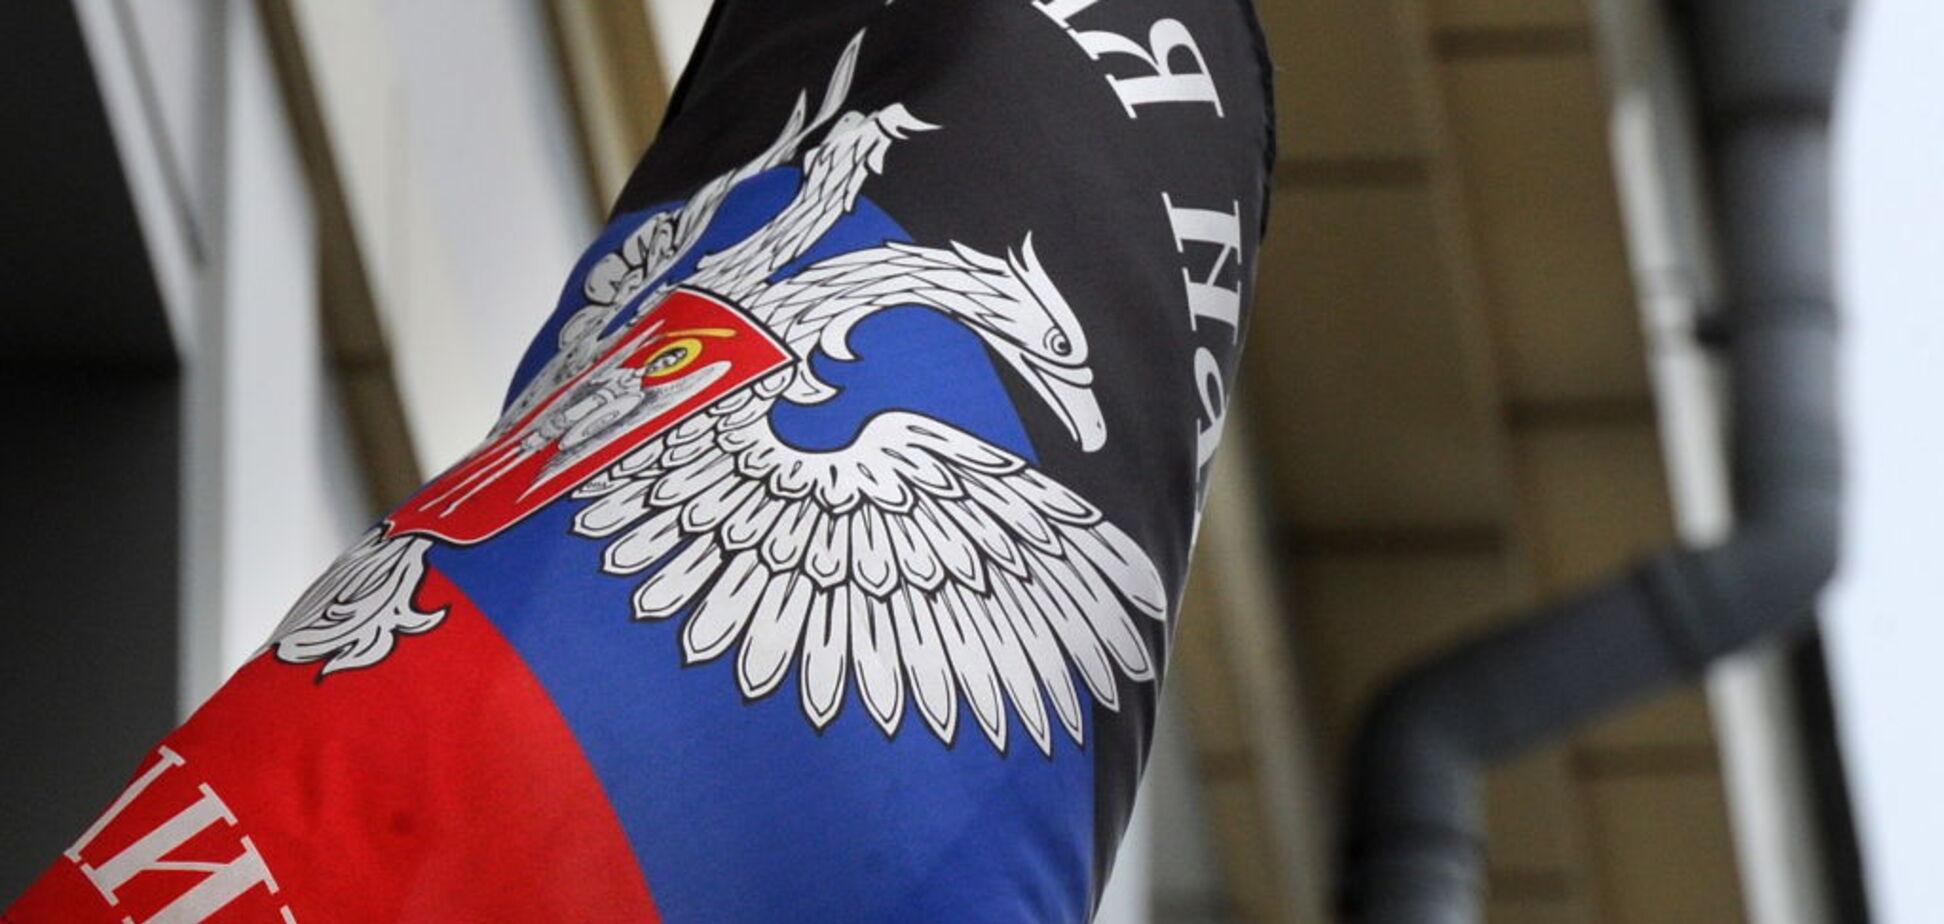 Захарченко йде? У 'ДНР' почалася запекла боротьба за 'владу'